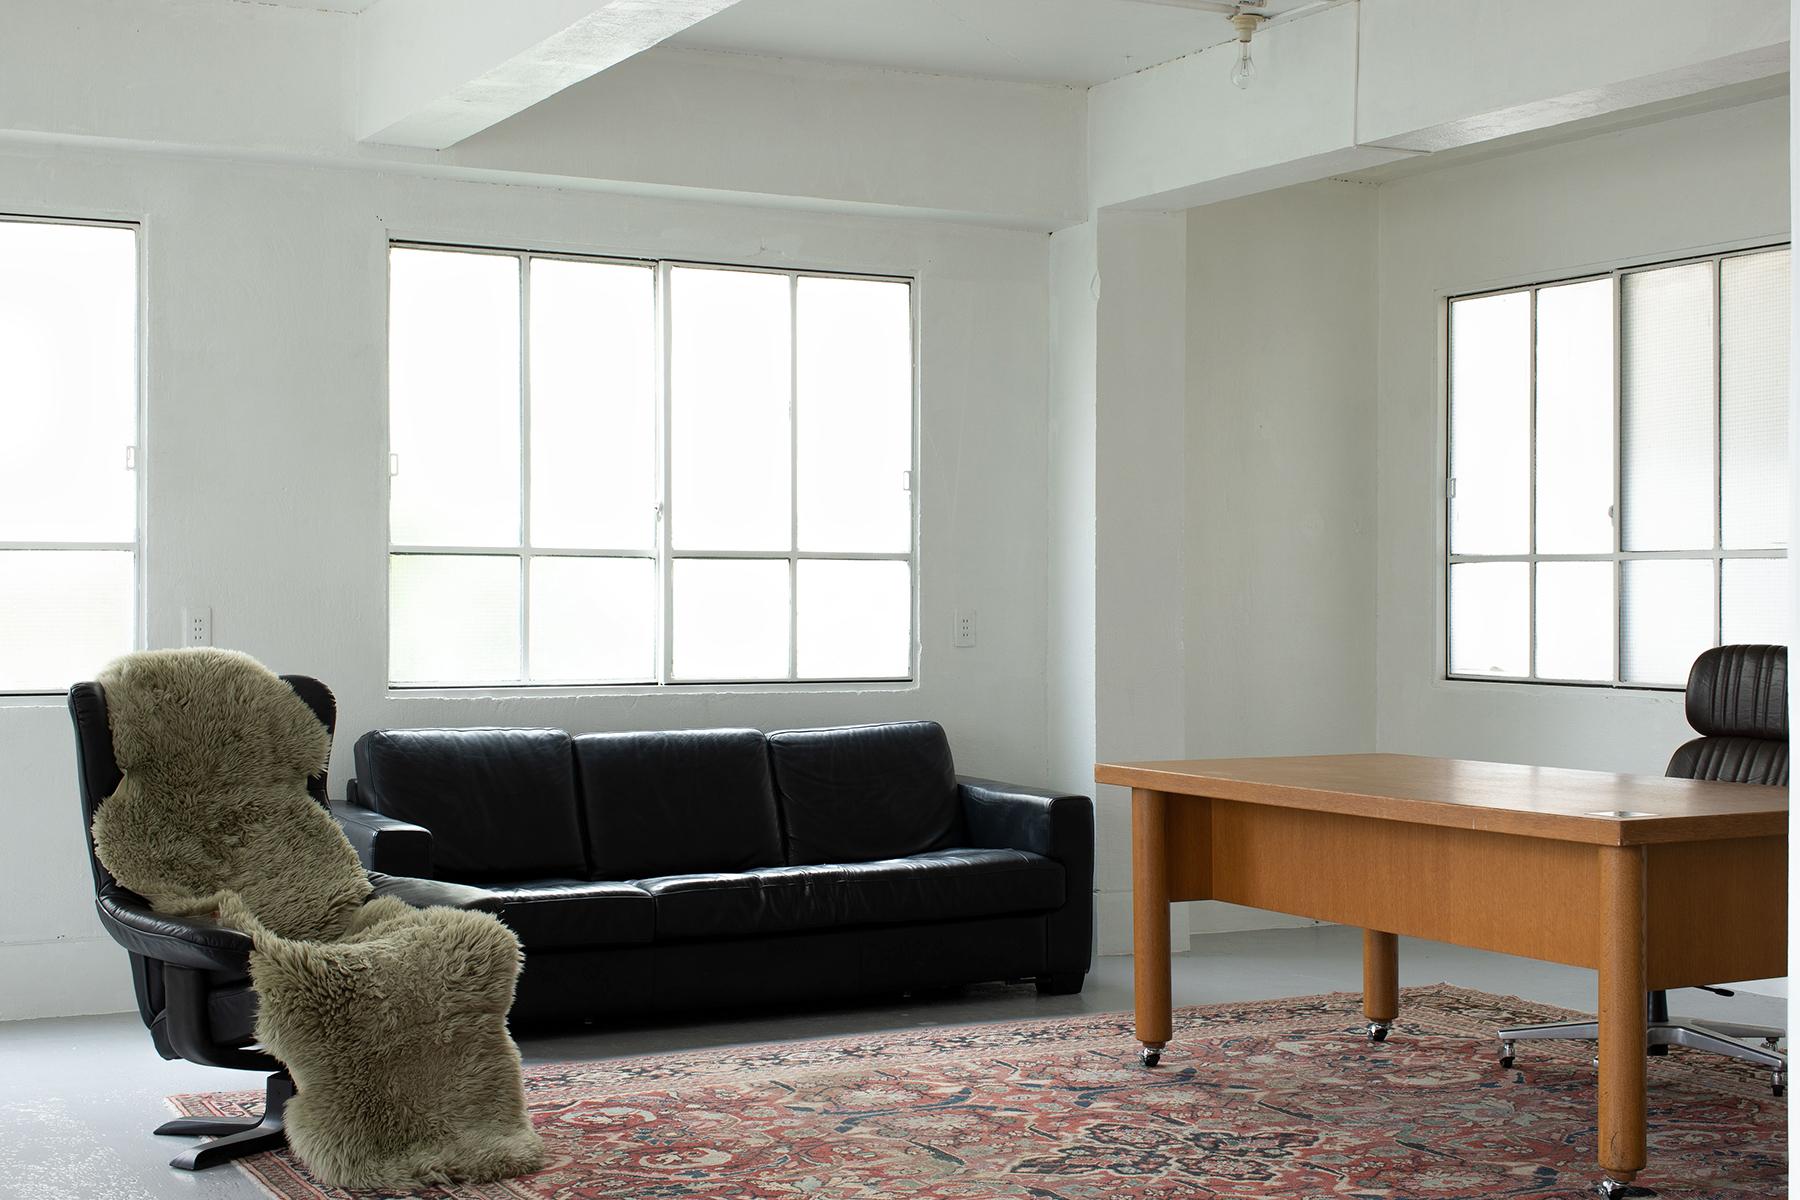 CHIKARA STUDIO (チカラスタジオ)